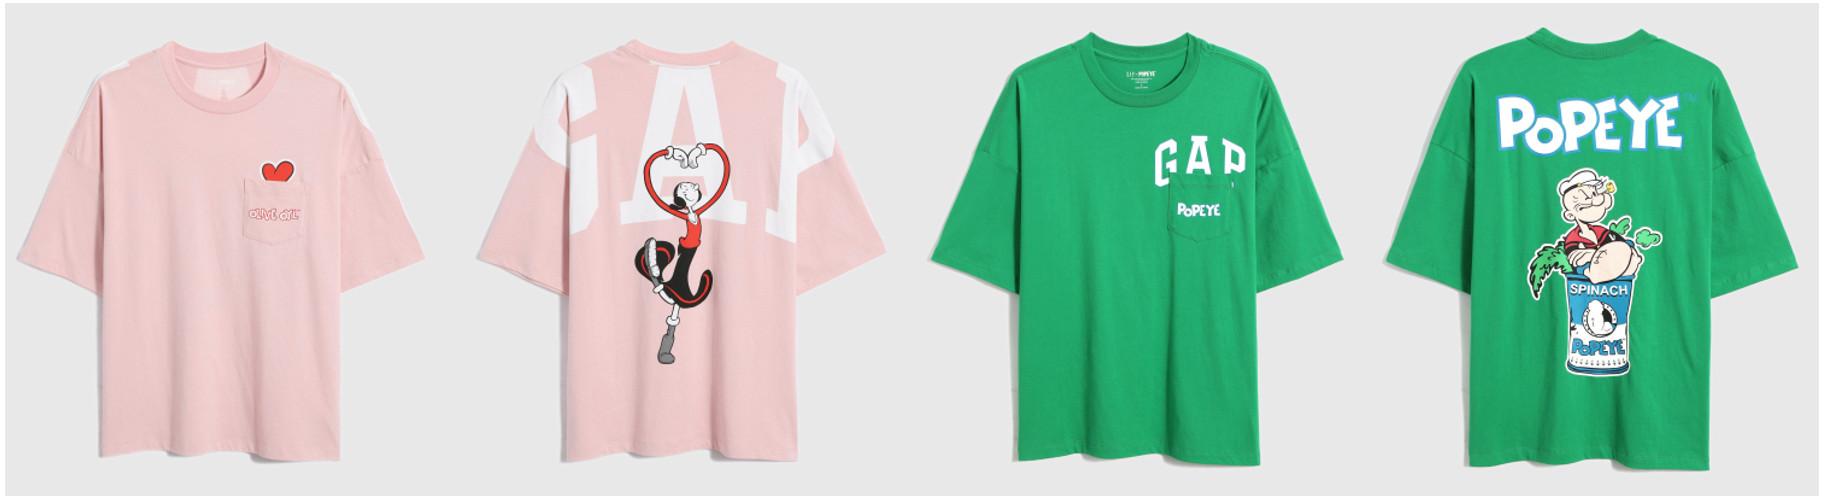 「Gap」が「POPEYE™」と限定コラボしたTシャツ